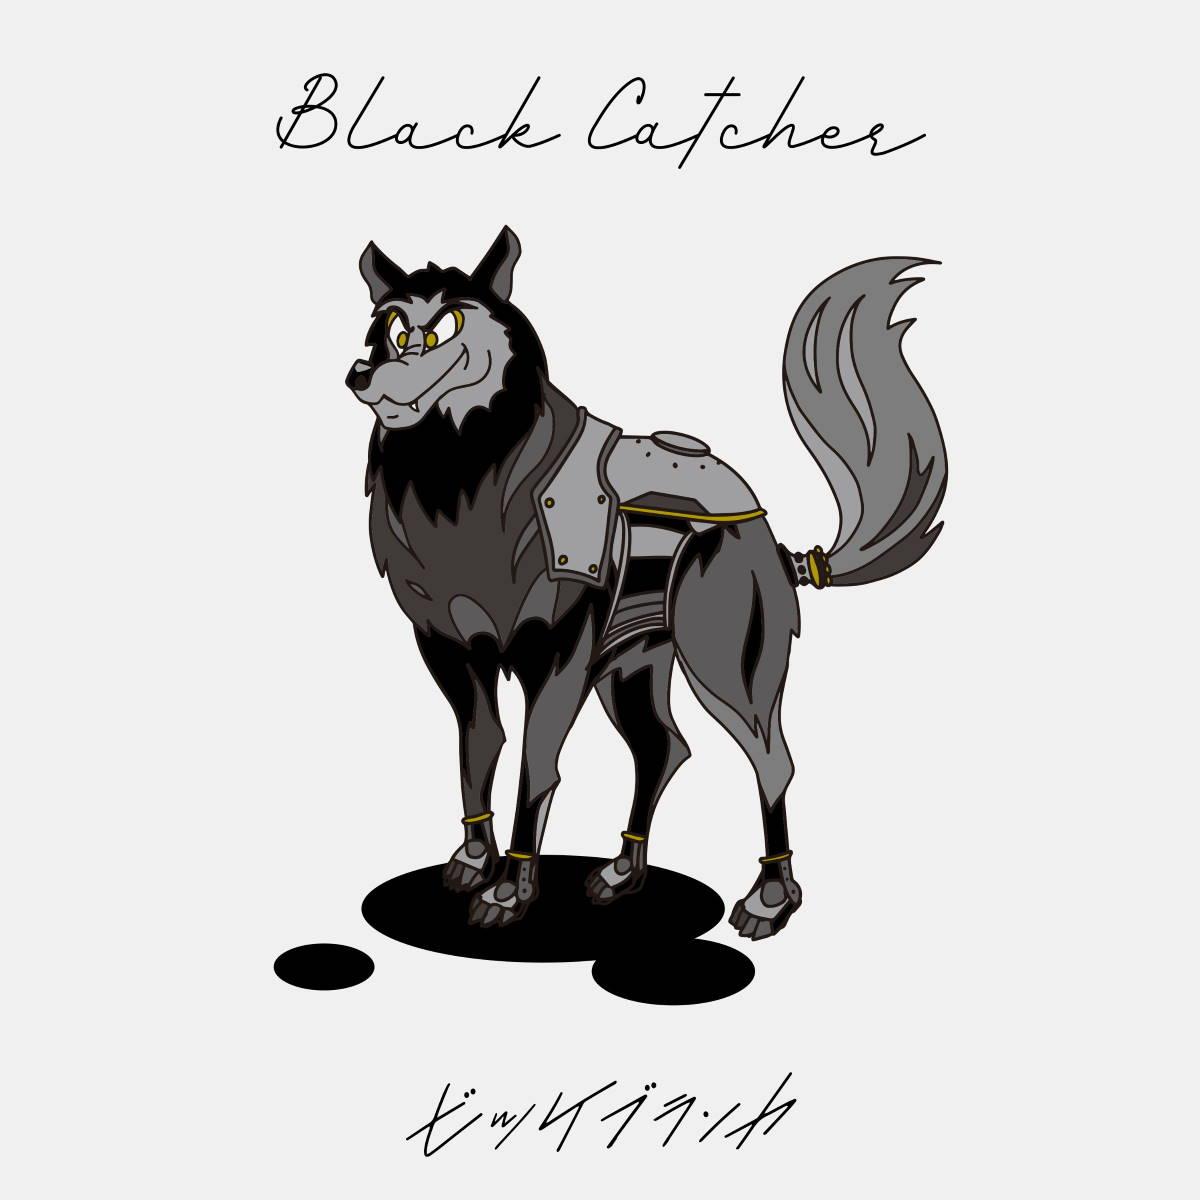 『ビッケブランカ - Black Catcher』収録の『Black Catcher』ジャケット